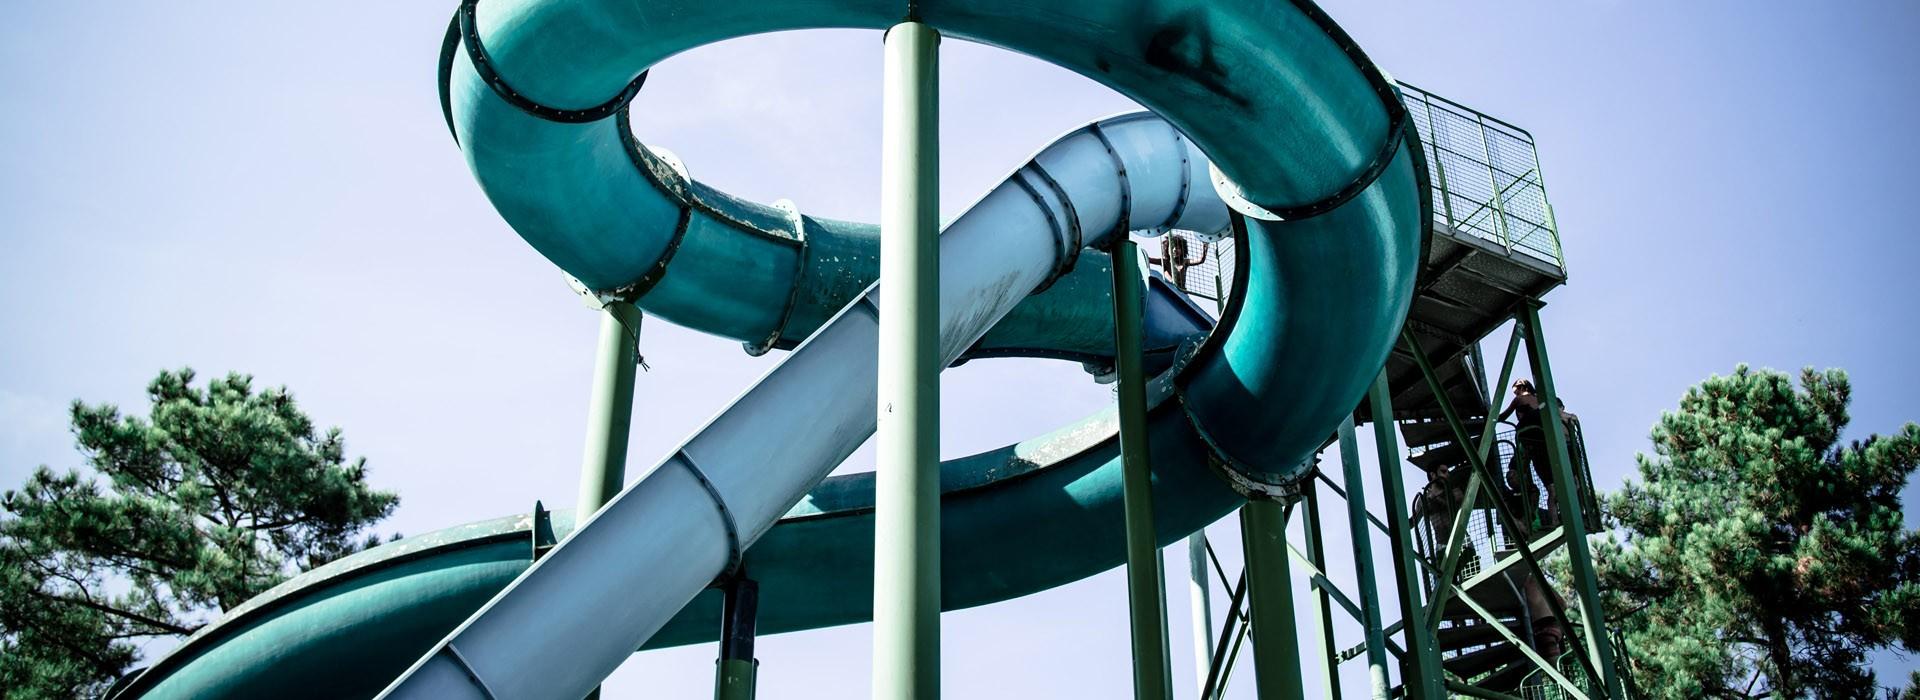 Aqualand rouvre ses portes à partir du 3 juillet